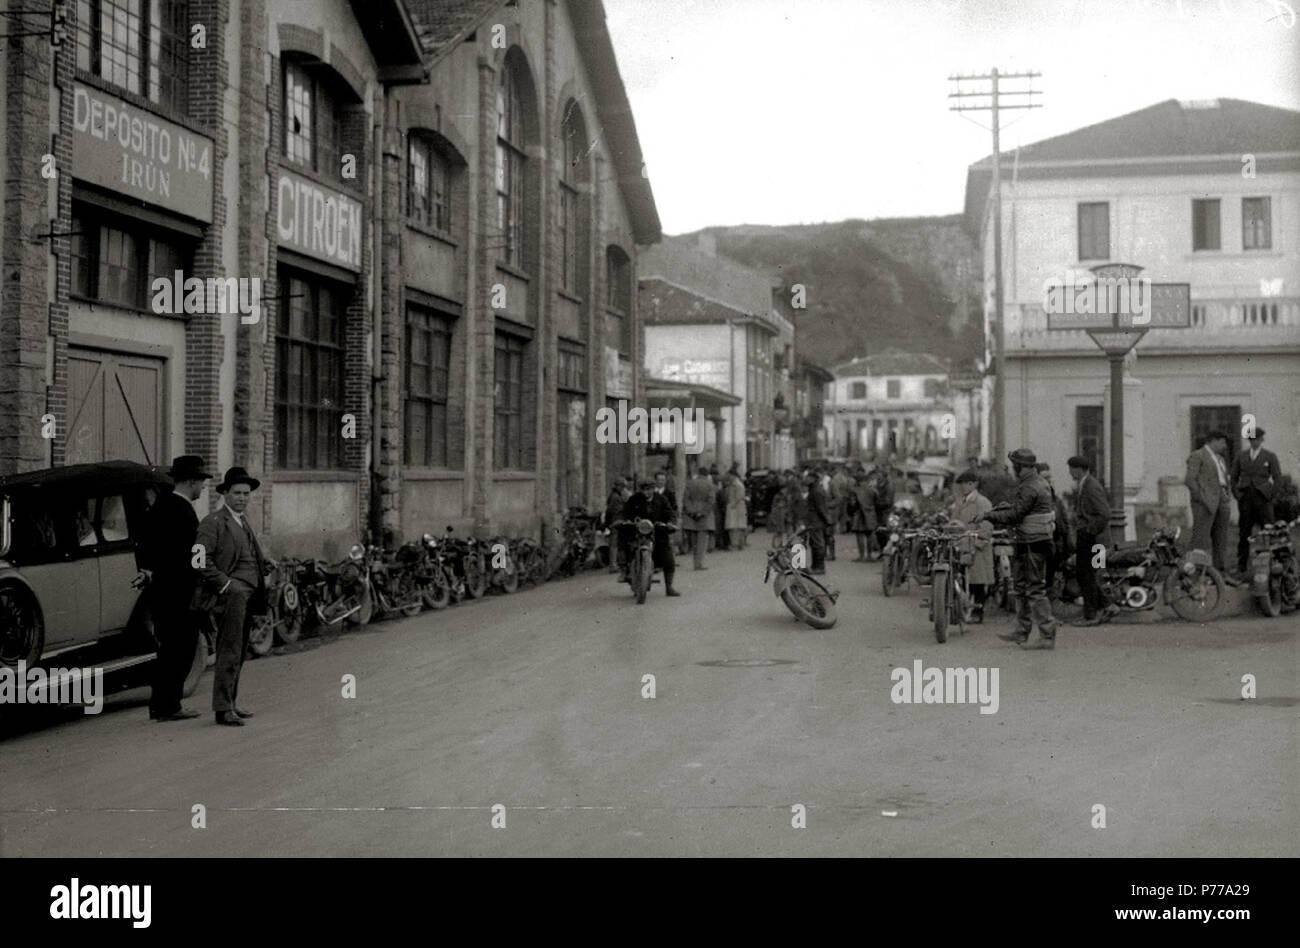 Español: Título original: Carrera motociclista en Behobia (3/4) Localización: Irún (Guipúzcoa)  . 1927 15 Carrera motociclista en Behobia (3 de 4) - Fondo Car-Kutxa Fototeka Stock Photo